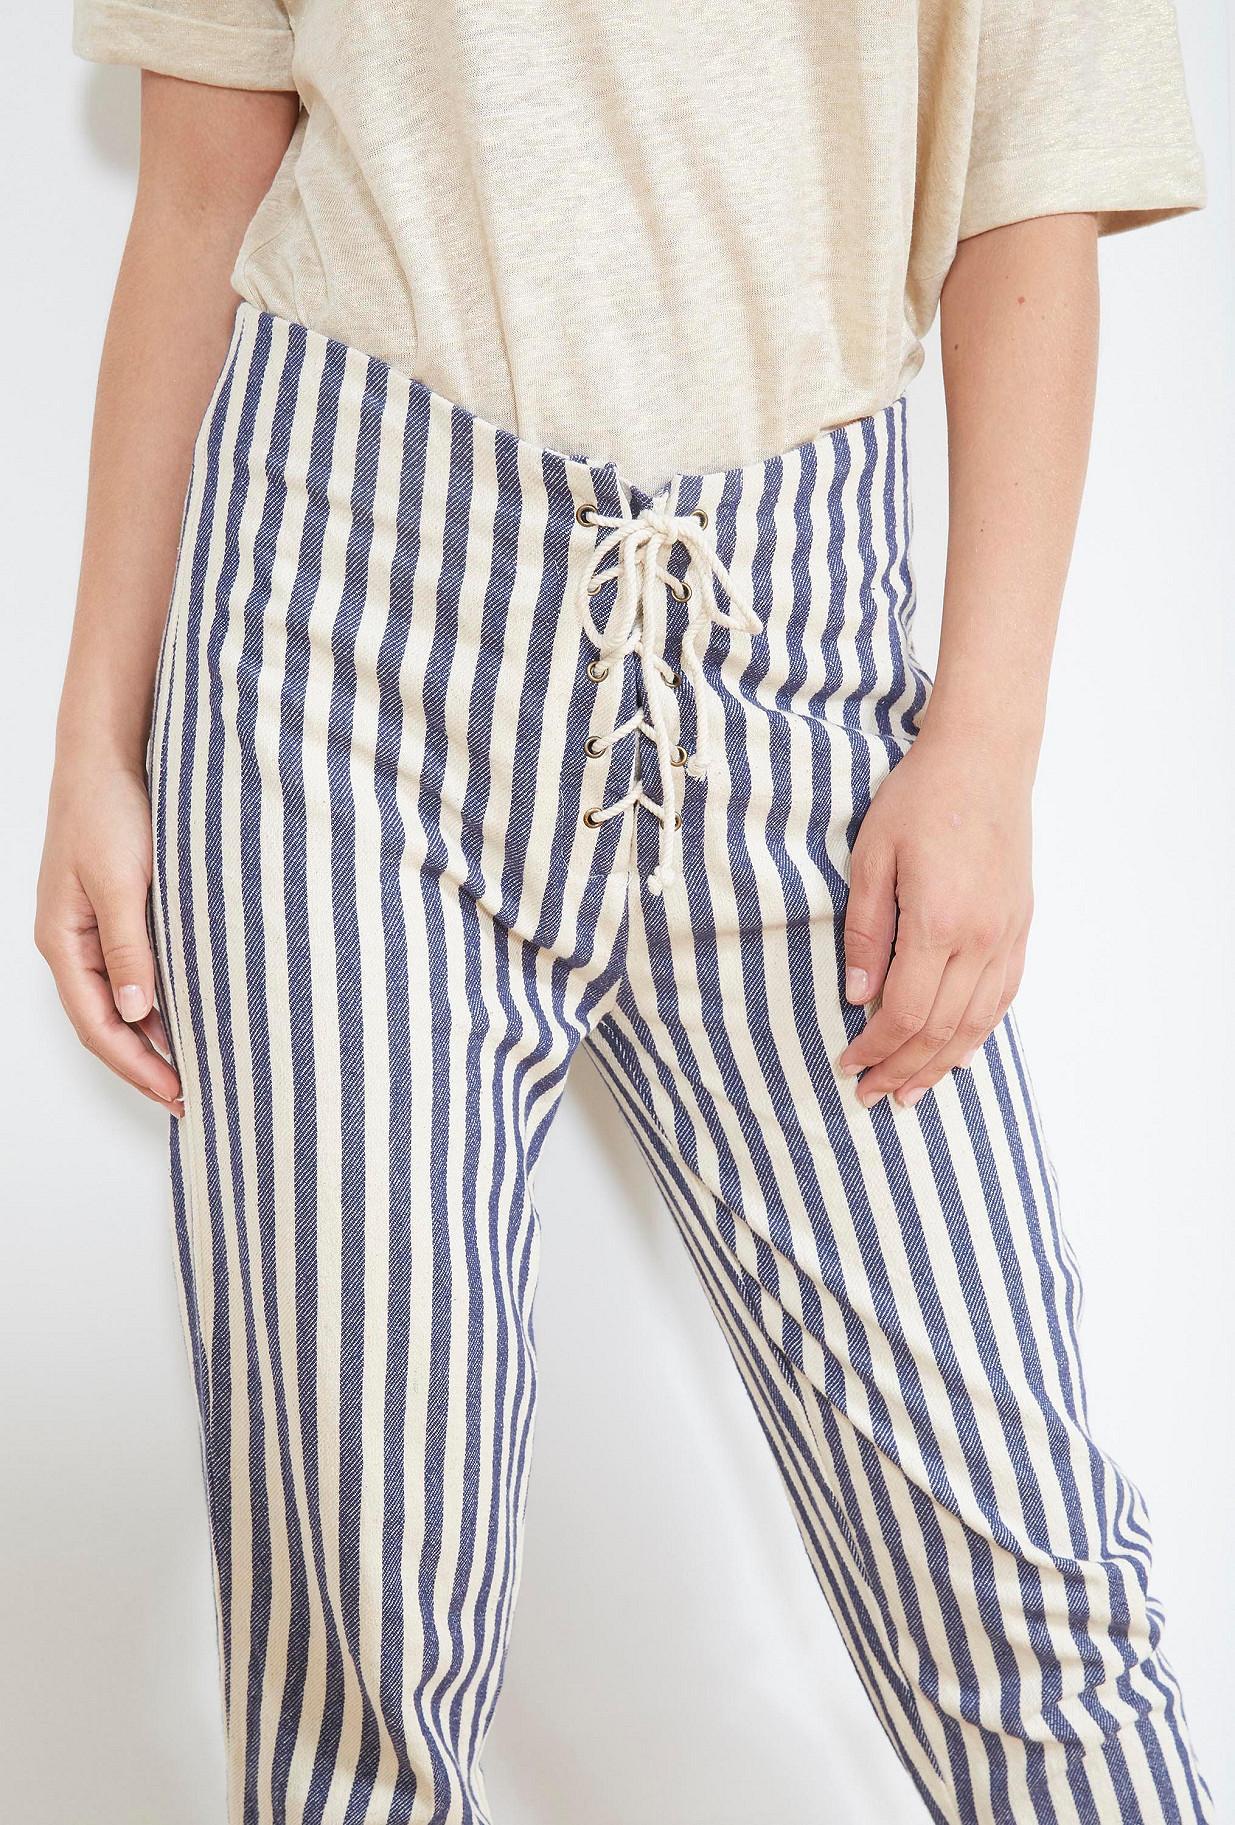 Blue stripe  PANTS  Garrigue Mes demoiselles fashion clothes designer Paris